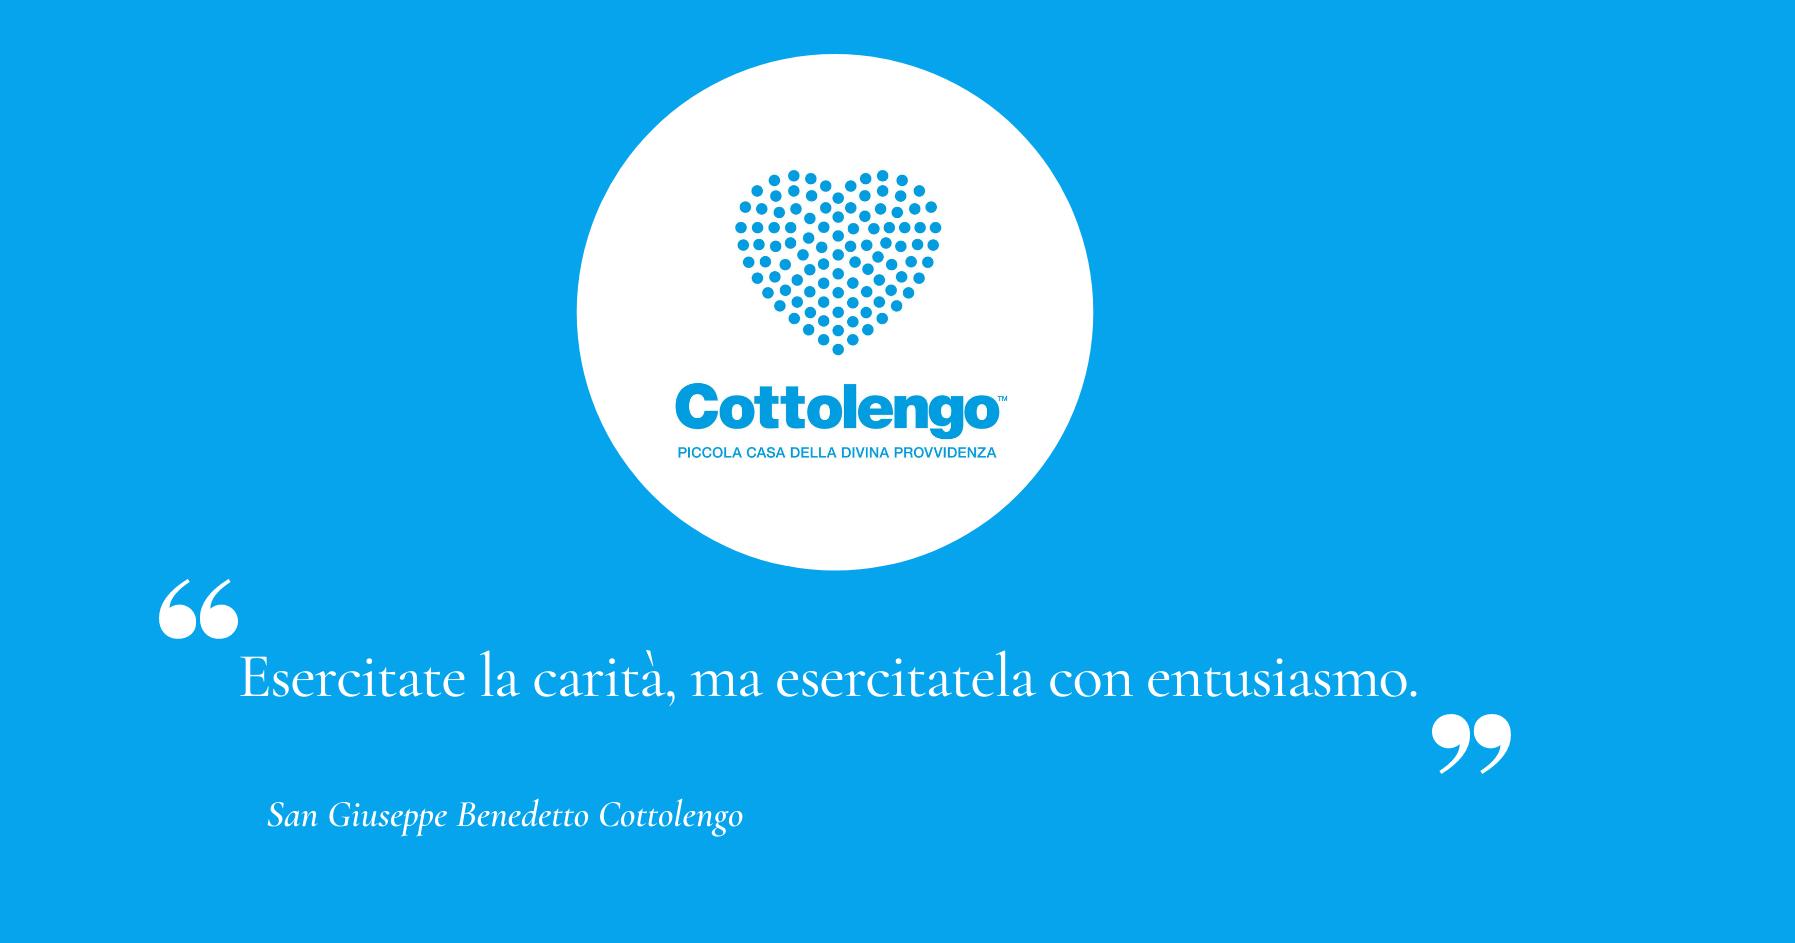 30 Better - 30 Buoni motivi per donare-Fondazione Cottolengo Onlus